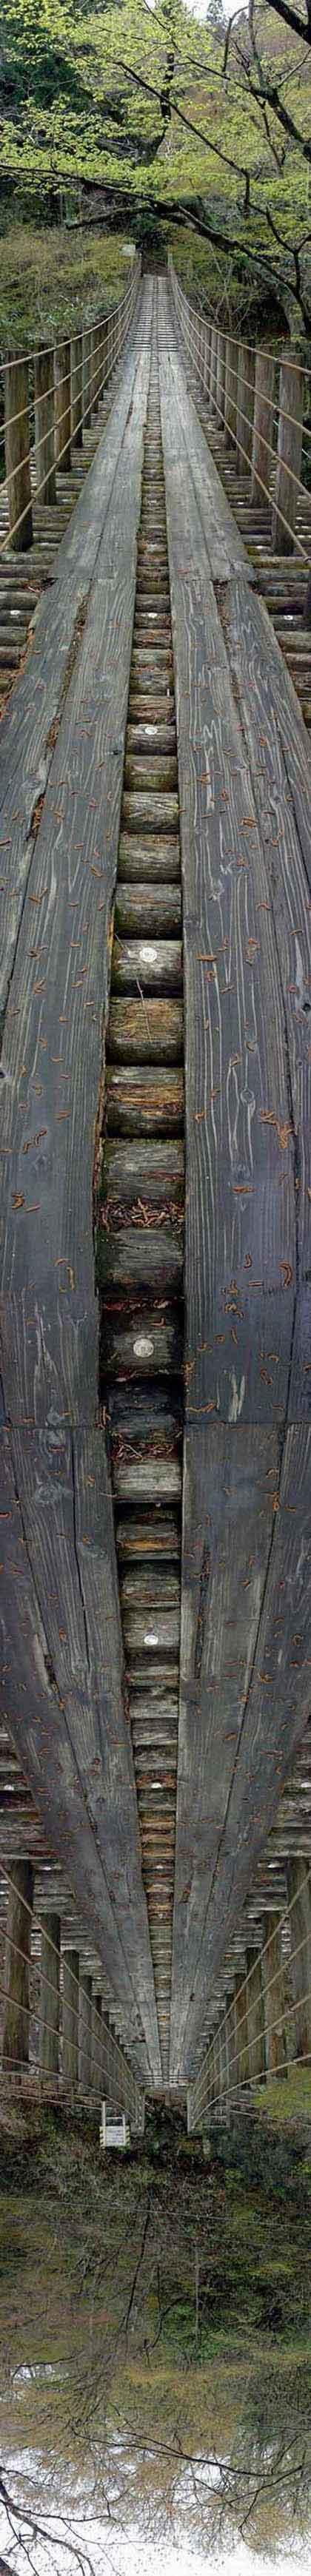 Деревянный мост - перевертыш